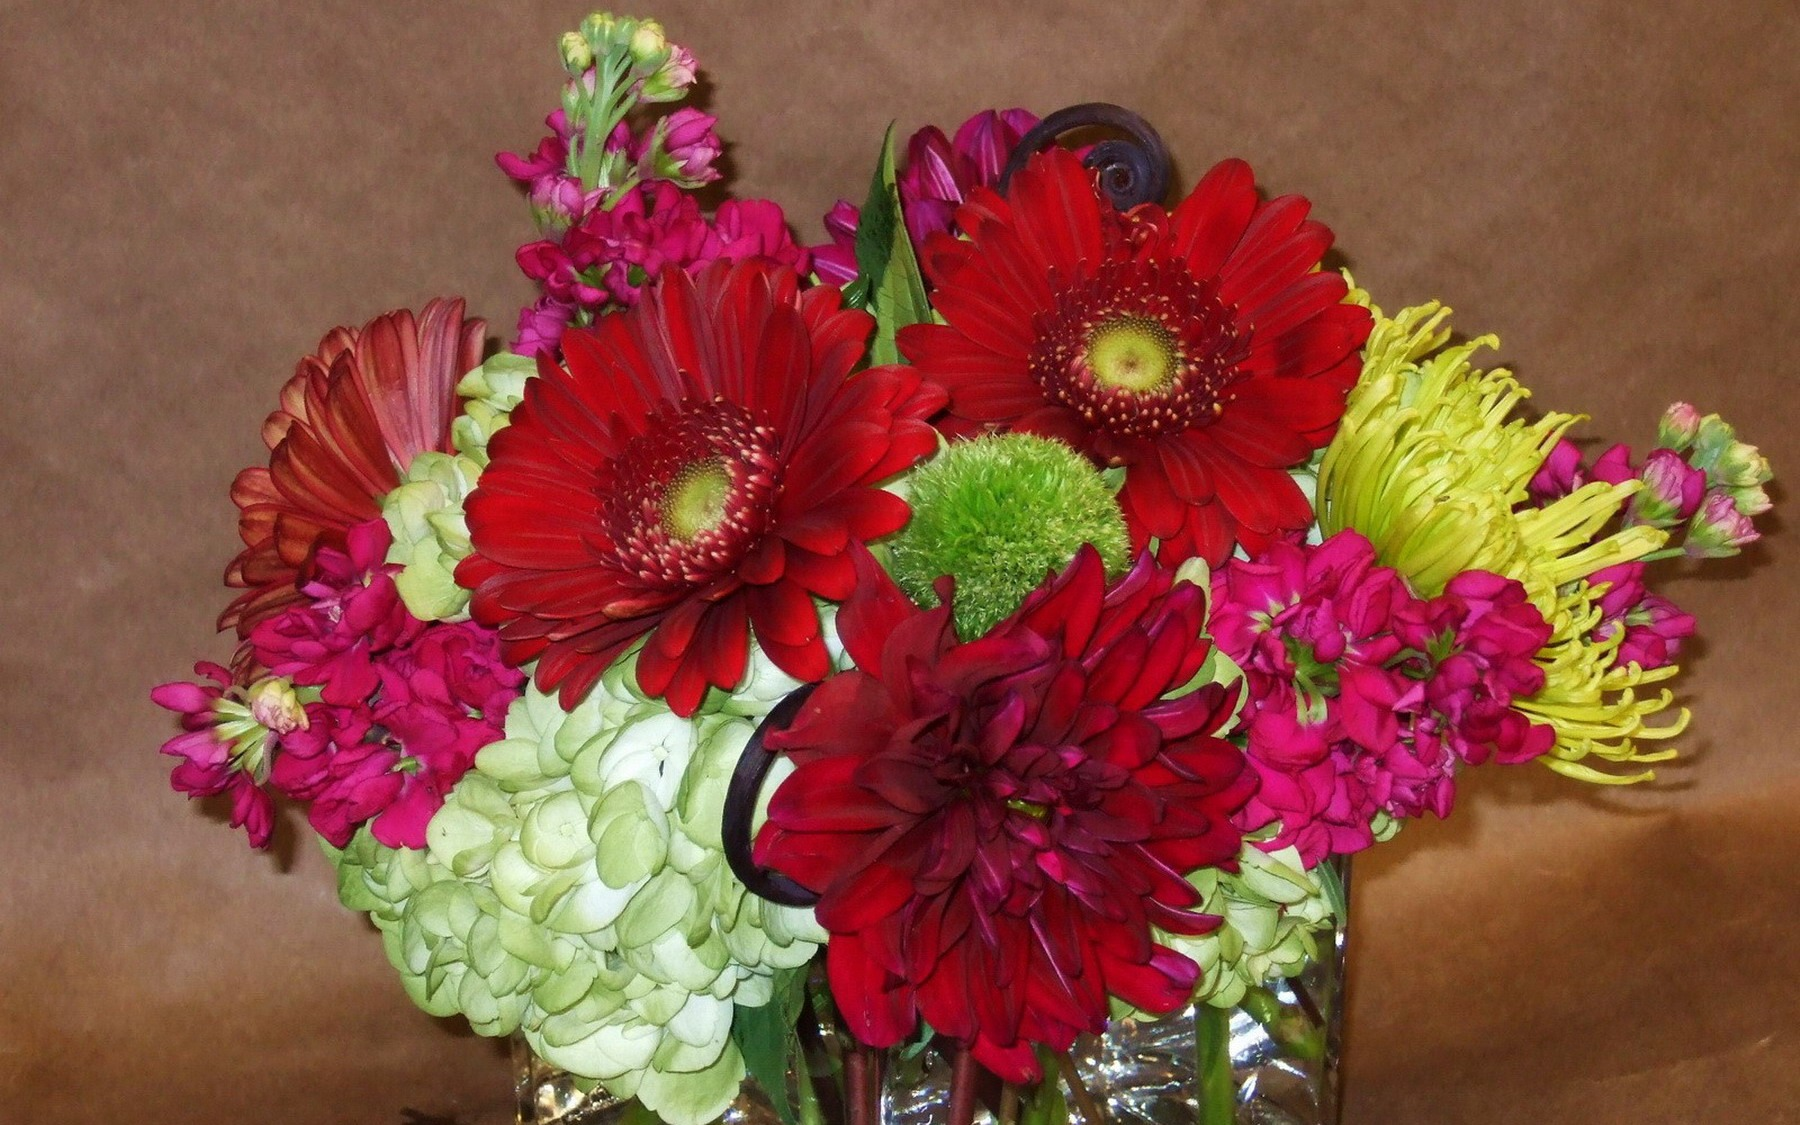 стол фото букеты цветы картинки ...: fon1.ru/load/66-1-0-23880